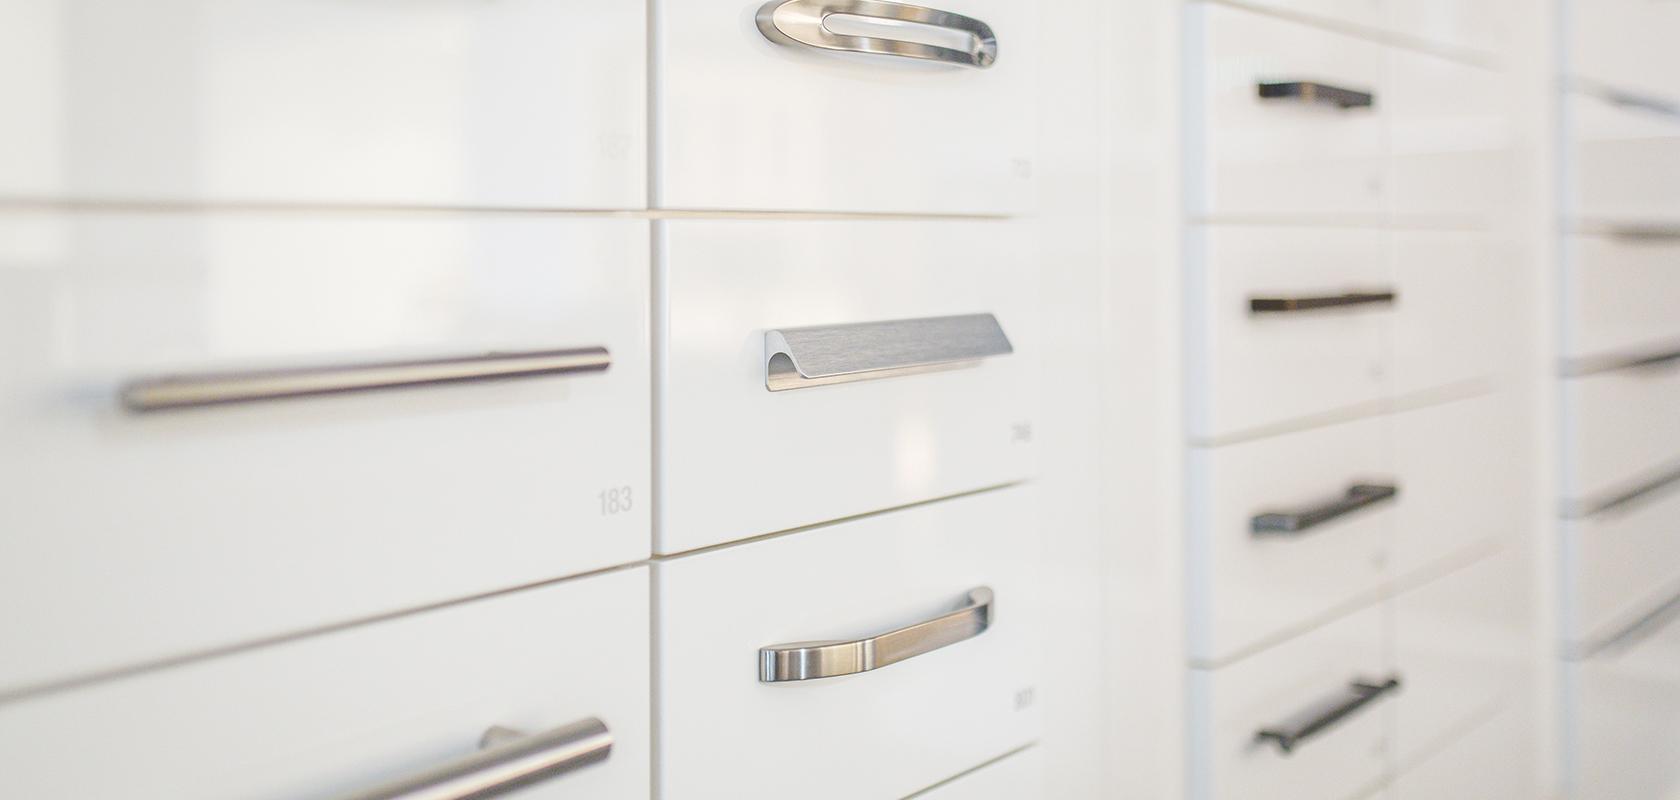 Full Size of Küchenschrank Griffe Alle Im Berblick Nobilia Kchen Möbelgriffe Küche Wohnzimmer Küchenschrank Griffe